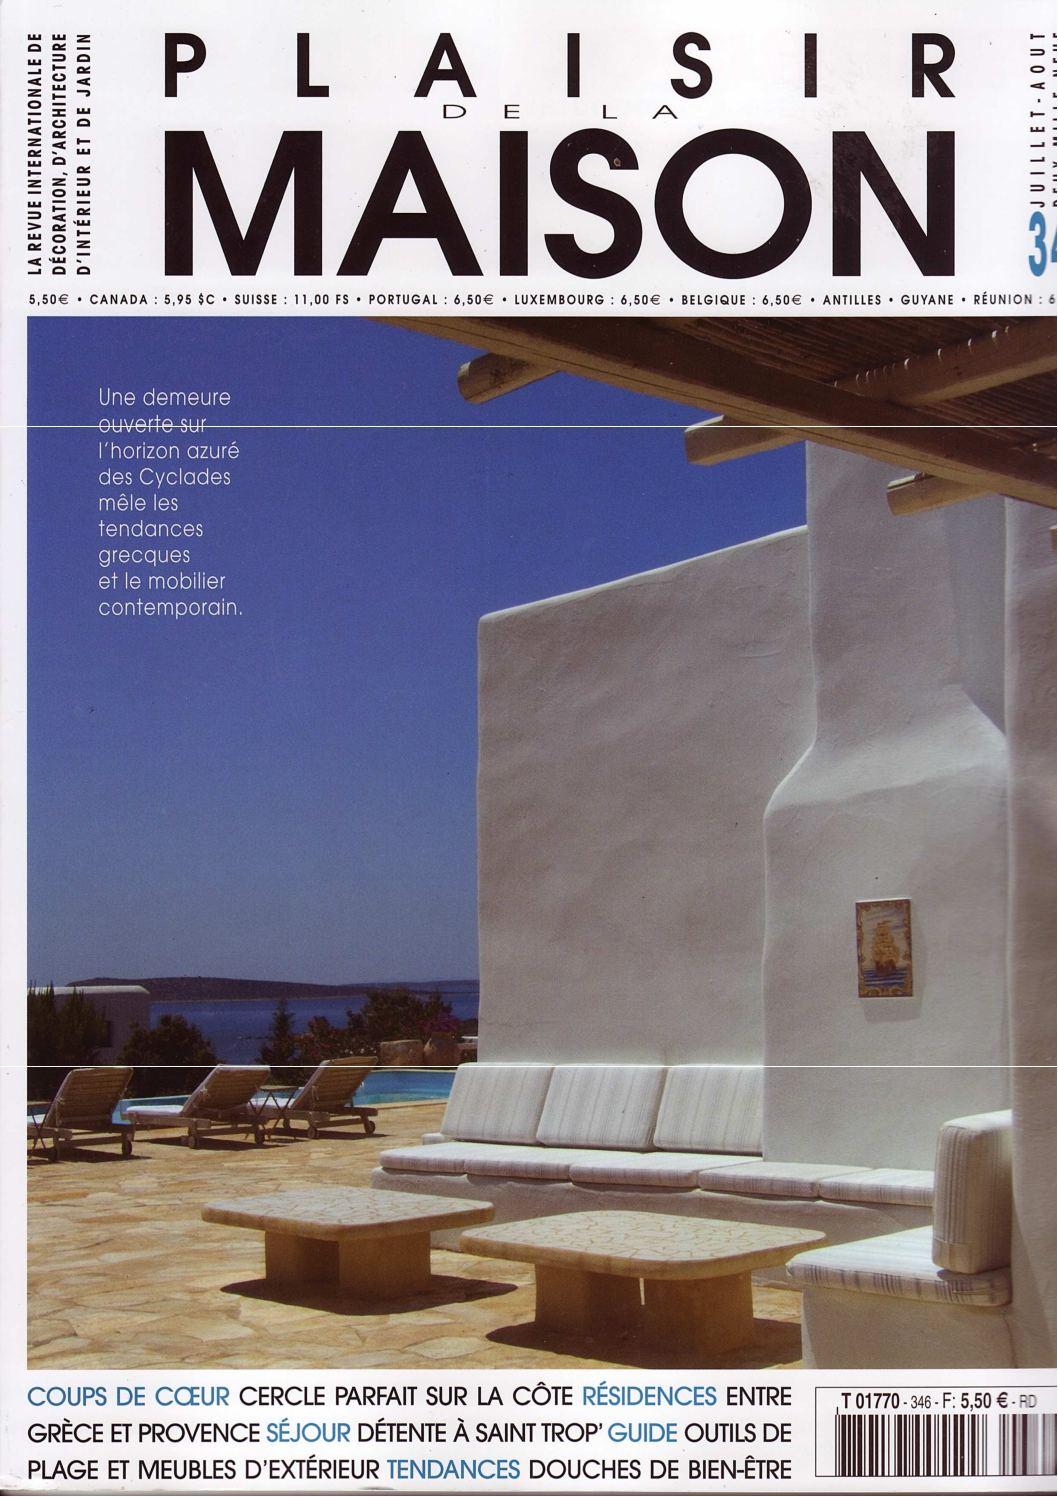 C Maison Et Jardin Magazine calaméo - 6.0.plaisir de la maison juillet-aout 2009